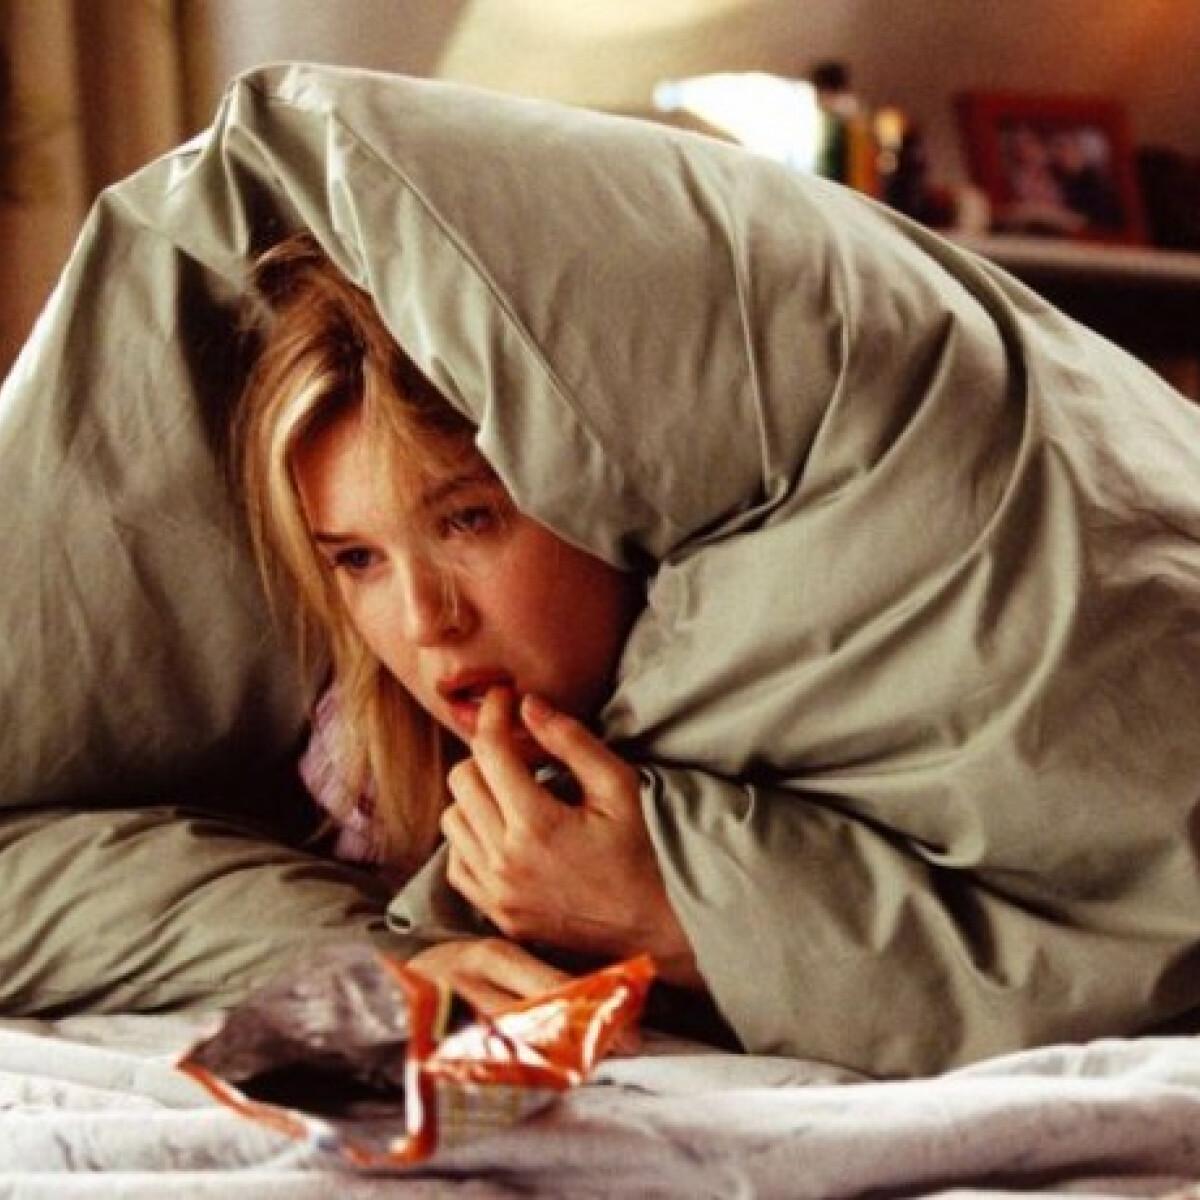 7 ügyes trükk, hogy korábban feküdj le minden nap